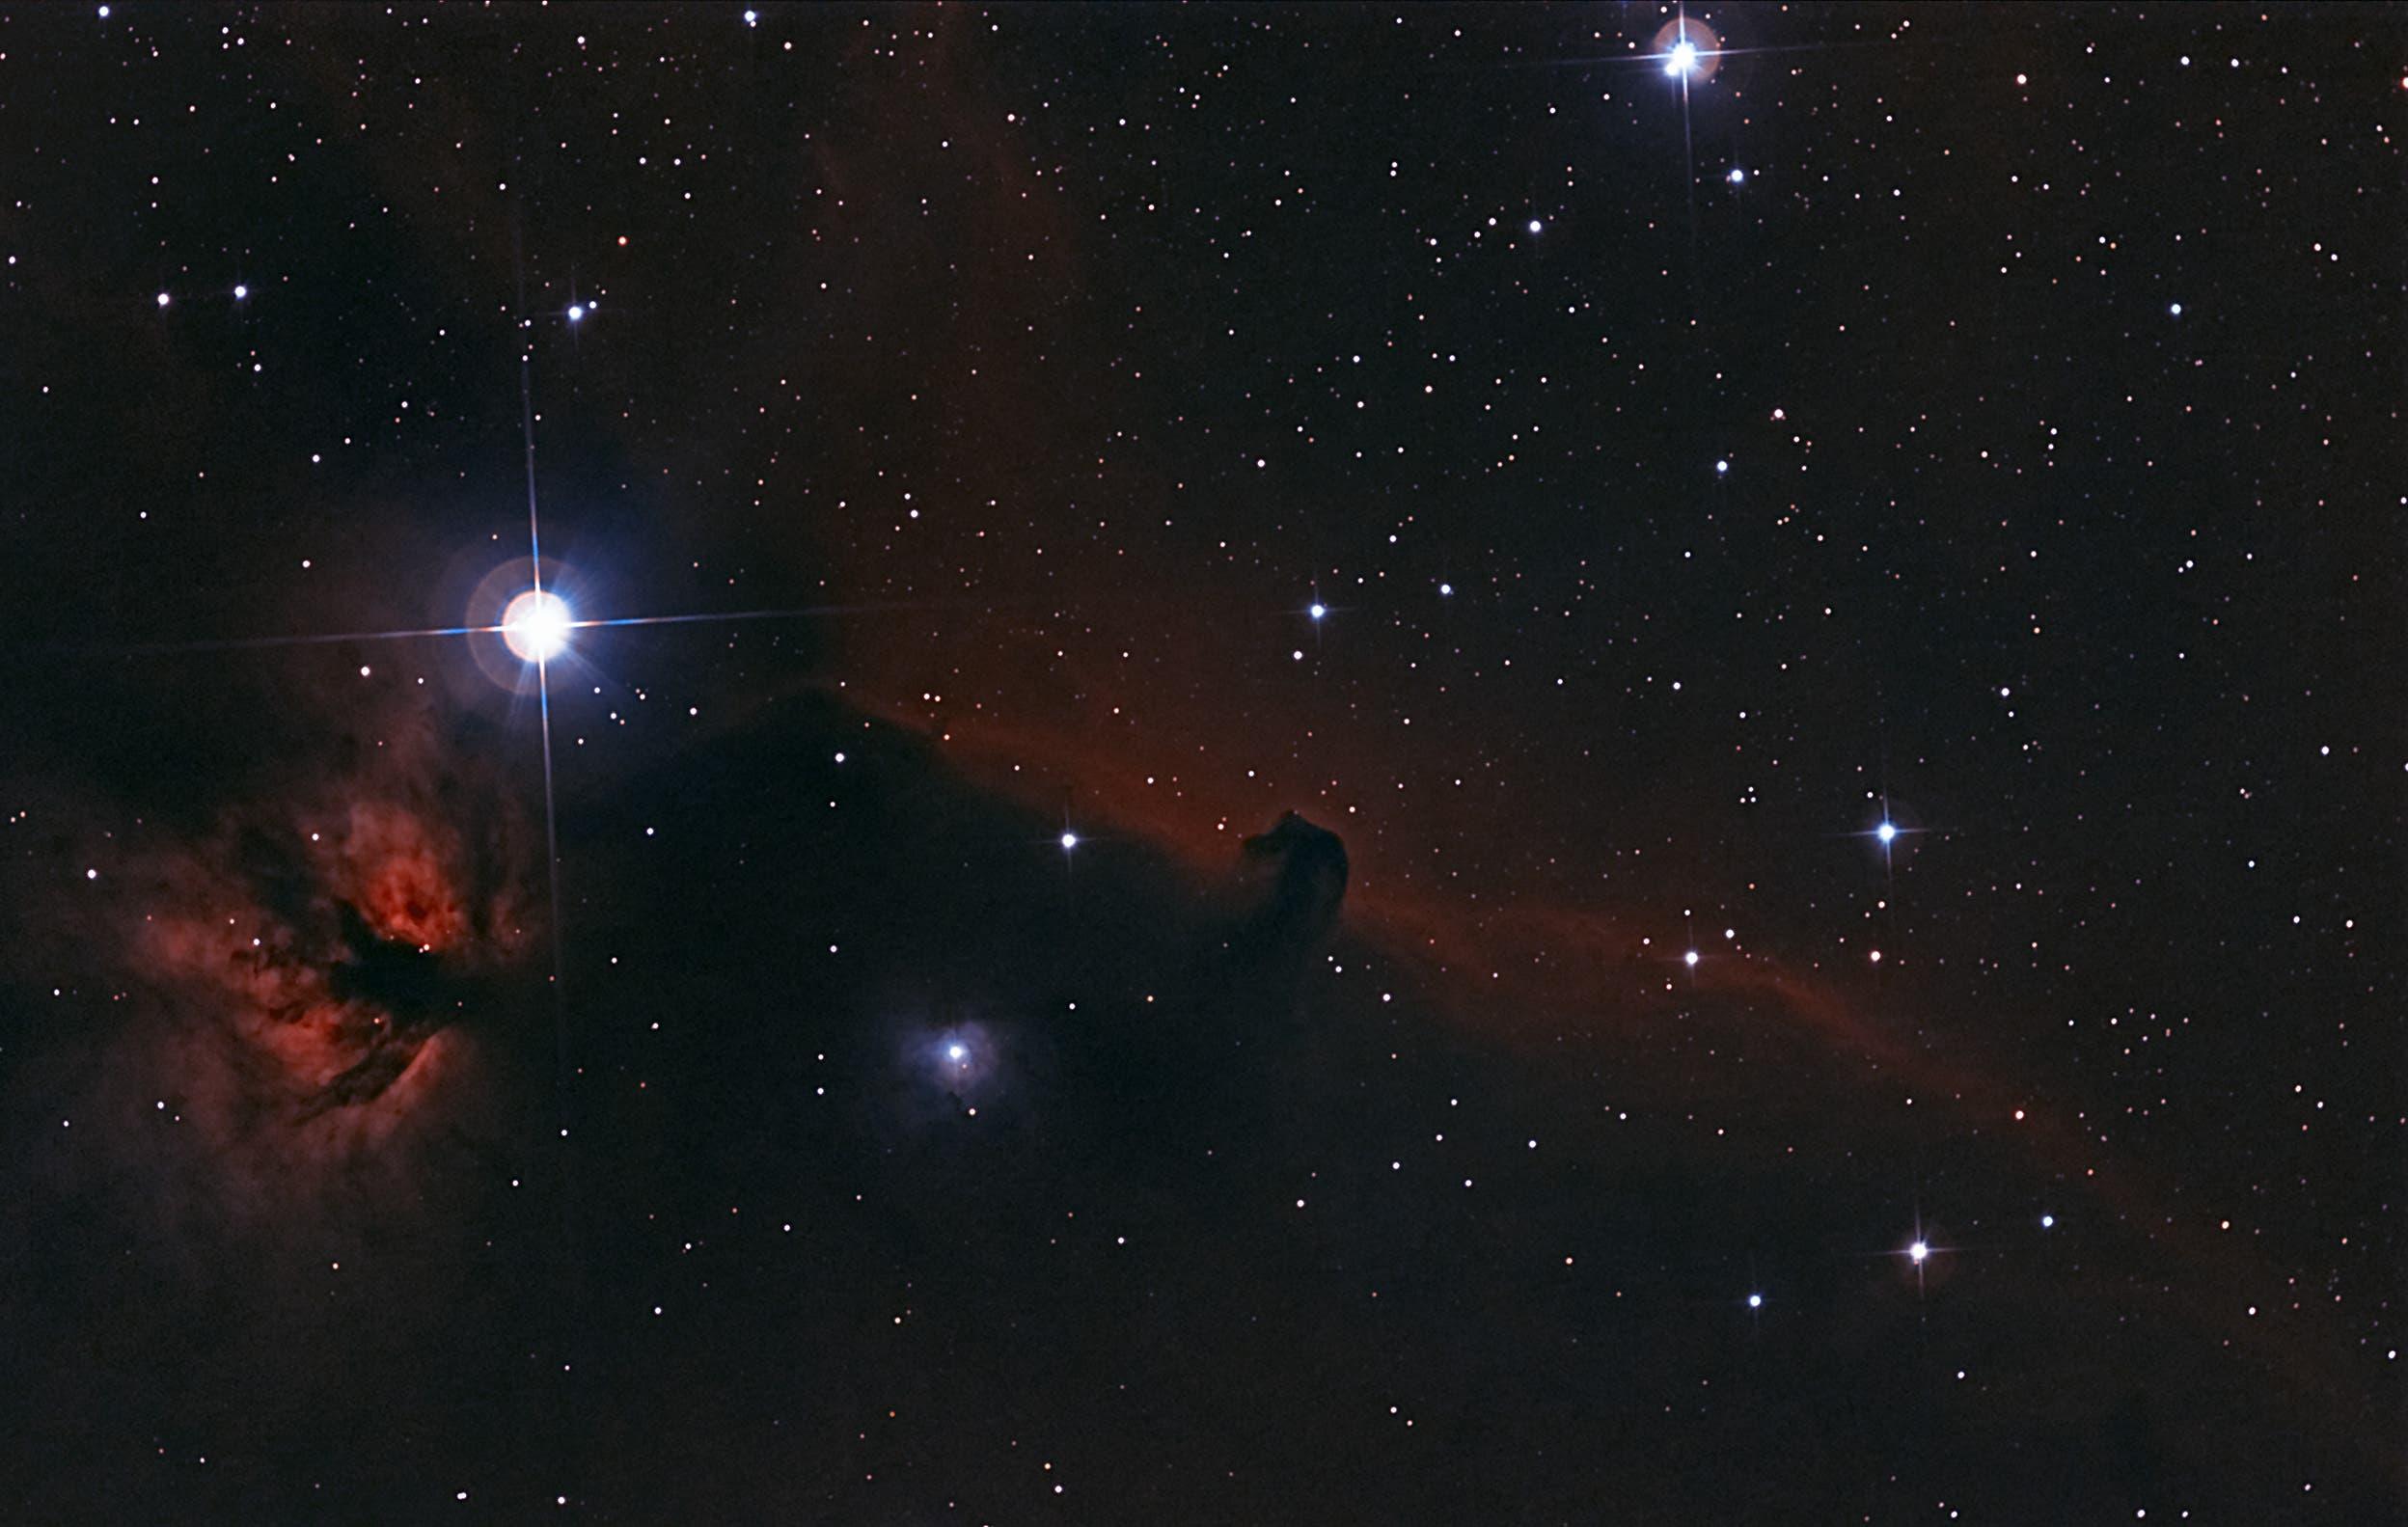 تصویر سحابی کله اسبی با استفاده از تلسکوپ و دوربین معمولی